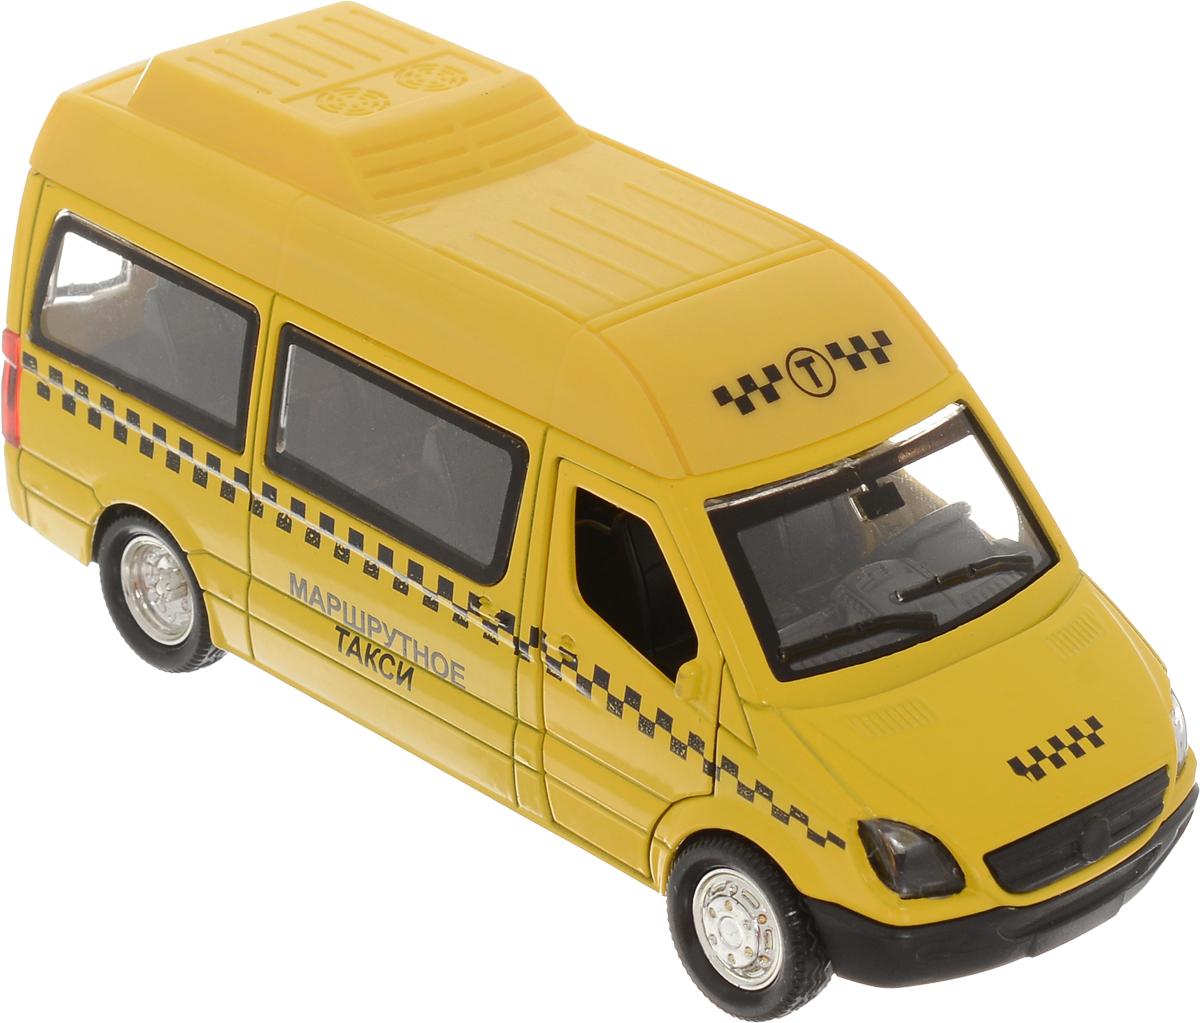 ТехноПарк Машинка инерционная Маршрутное такси цвет желтый инерционная машинка игруша цвет желтый